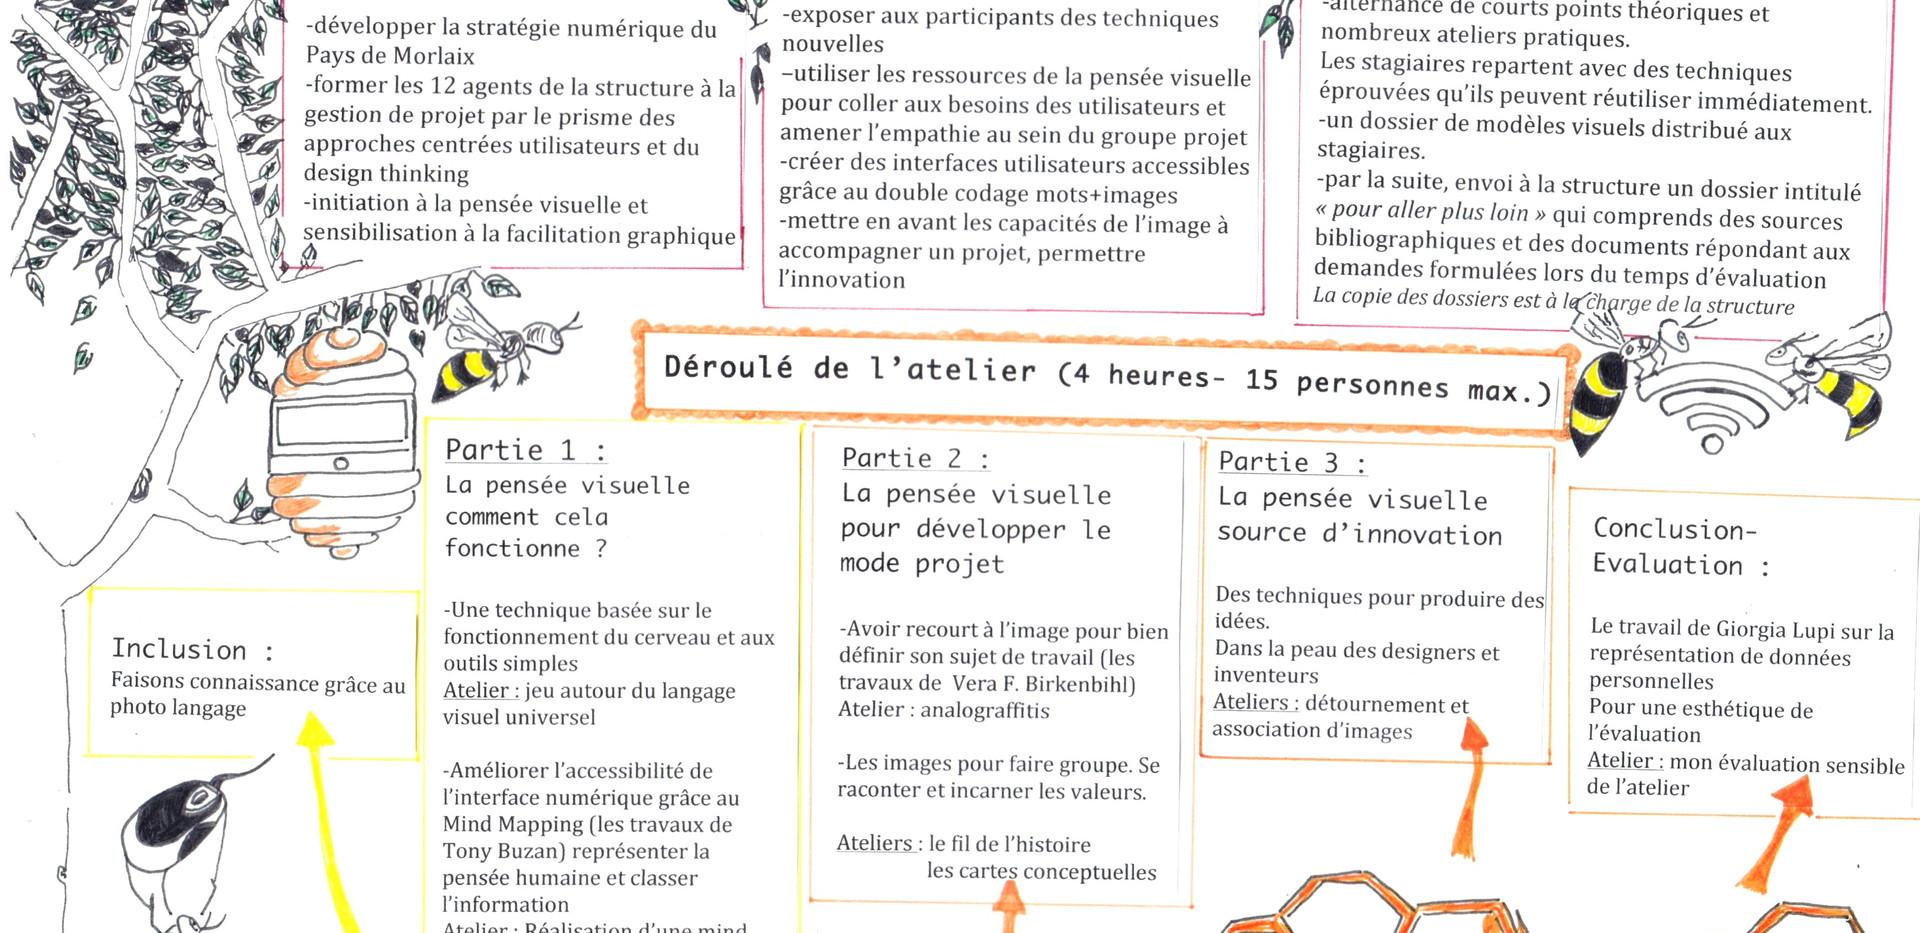 Programme de l'atelier d'introduction à la pensée visuelle pour le pays de Morlaix